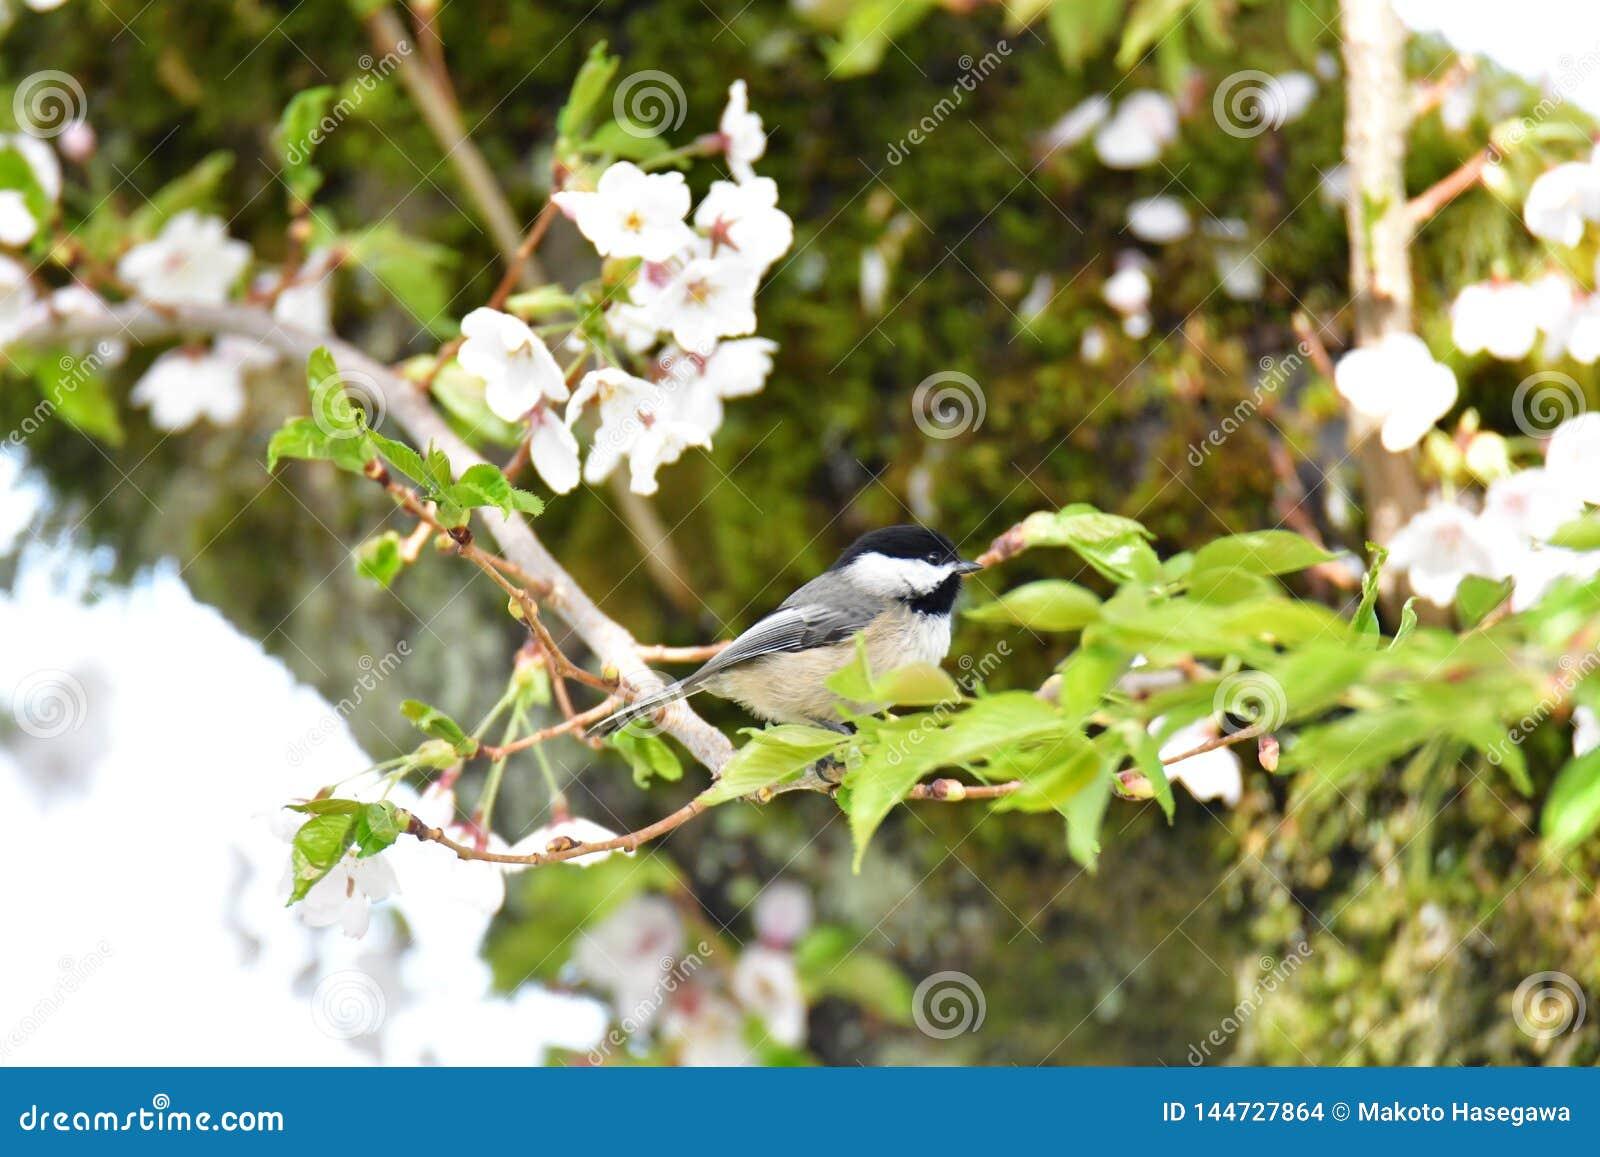 Chickadee capsulado negro en flor de cerezo